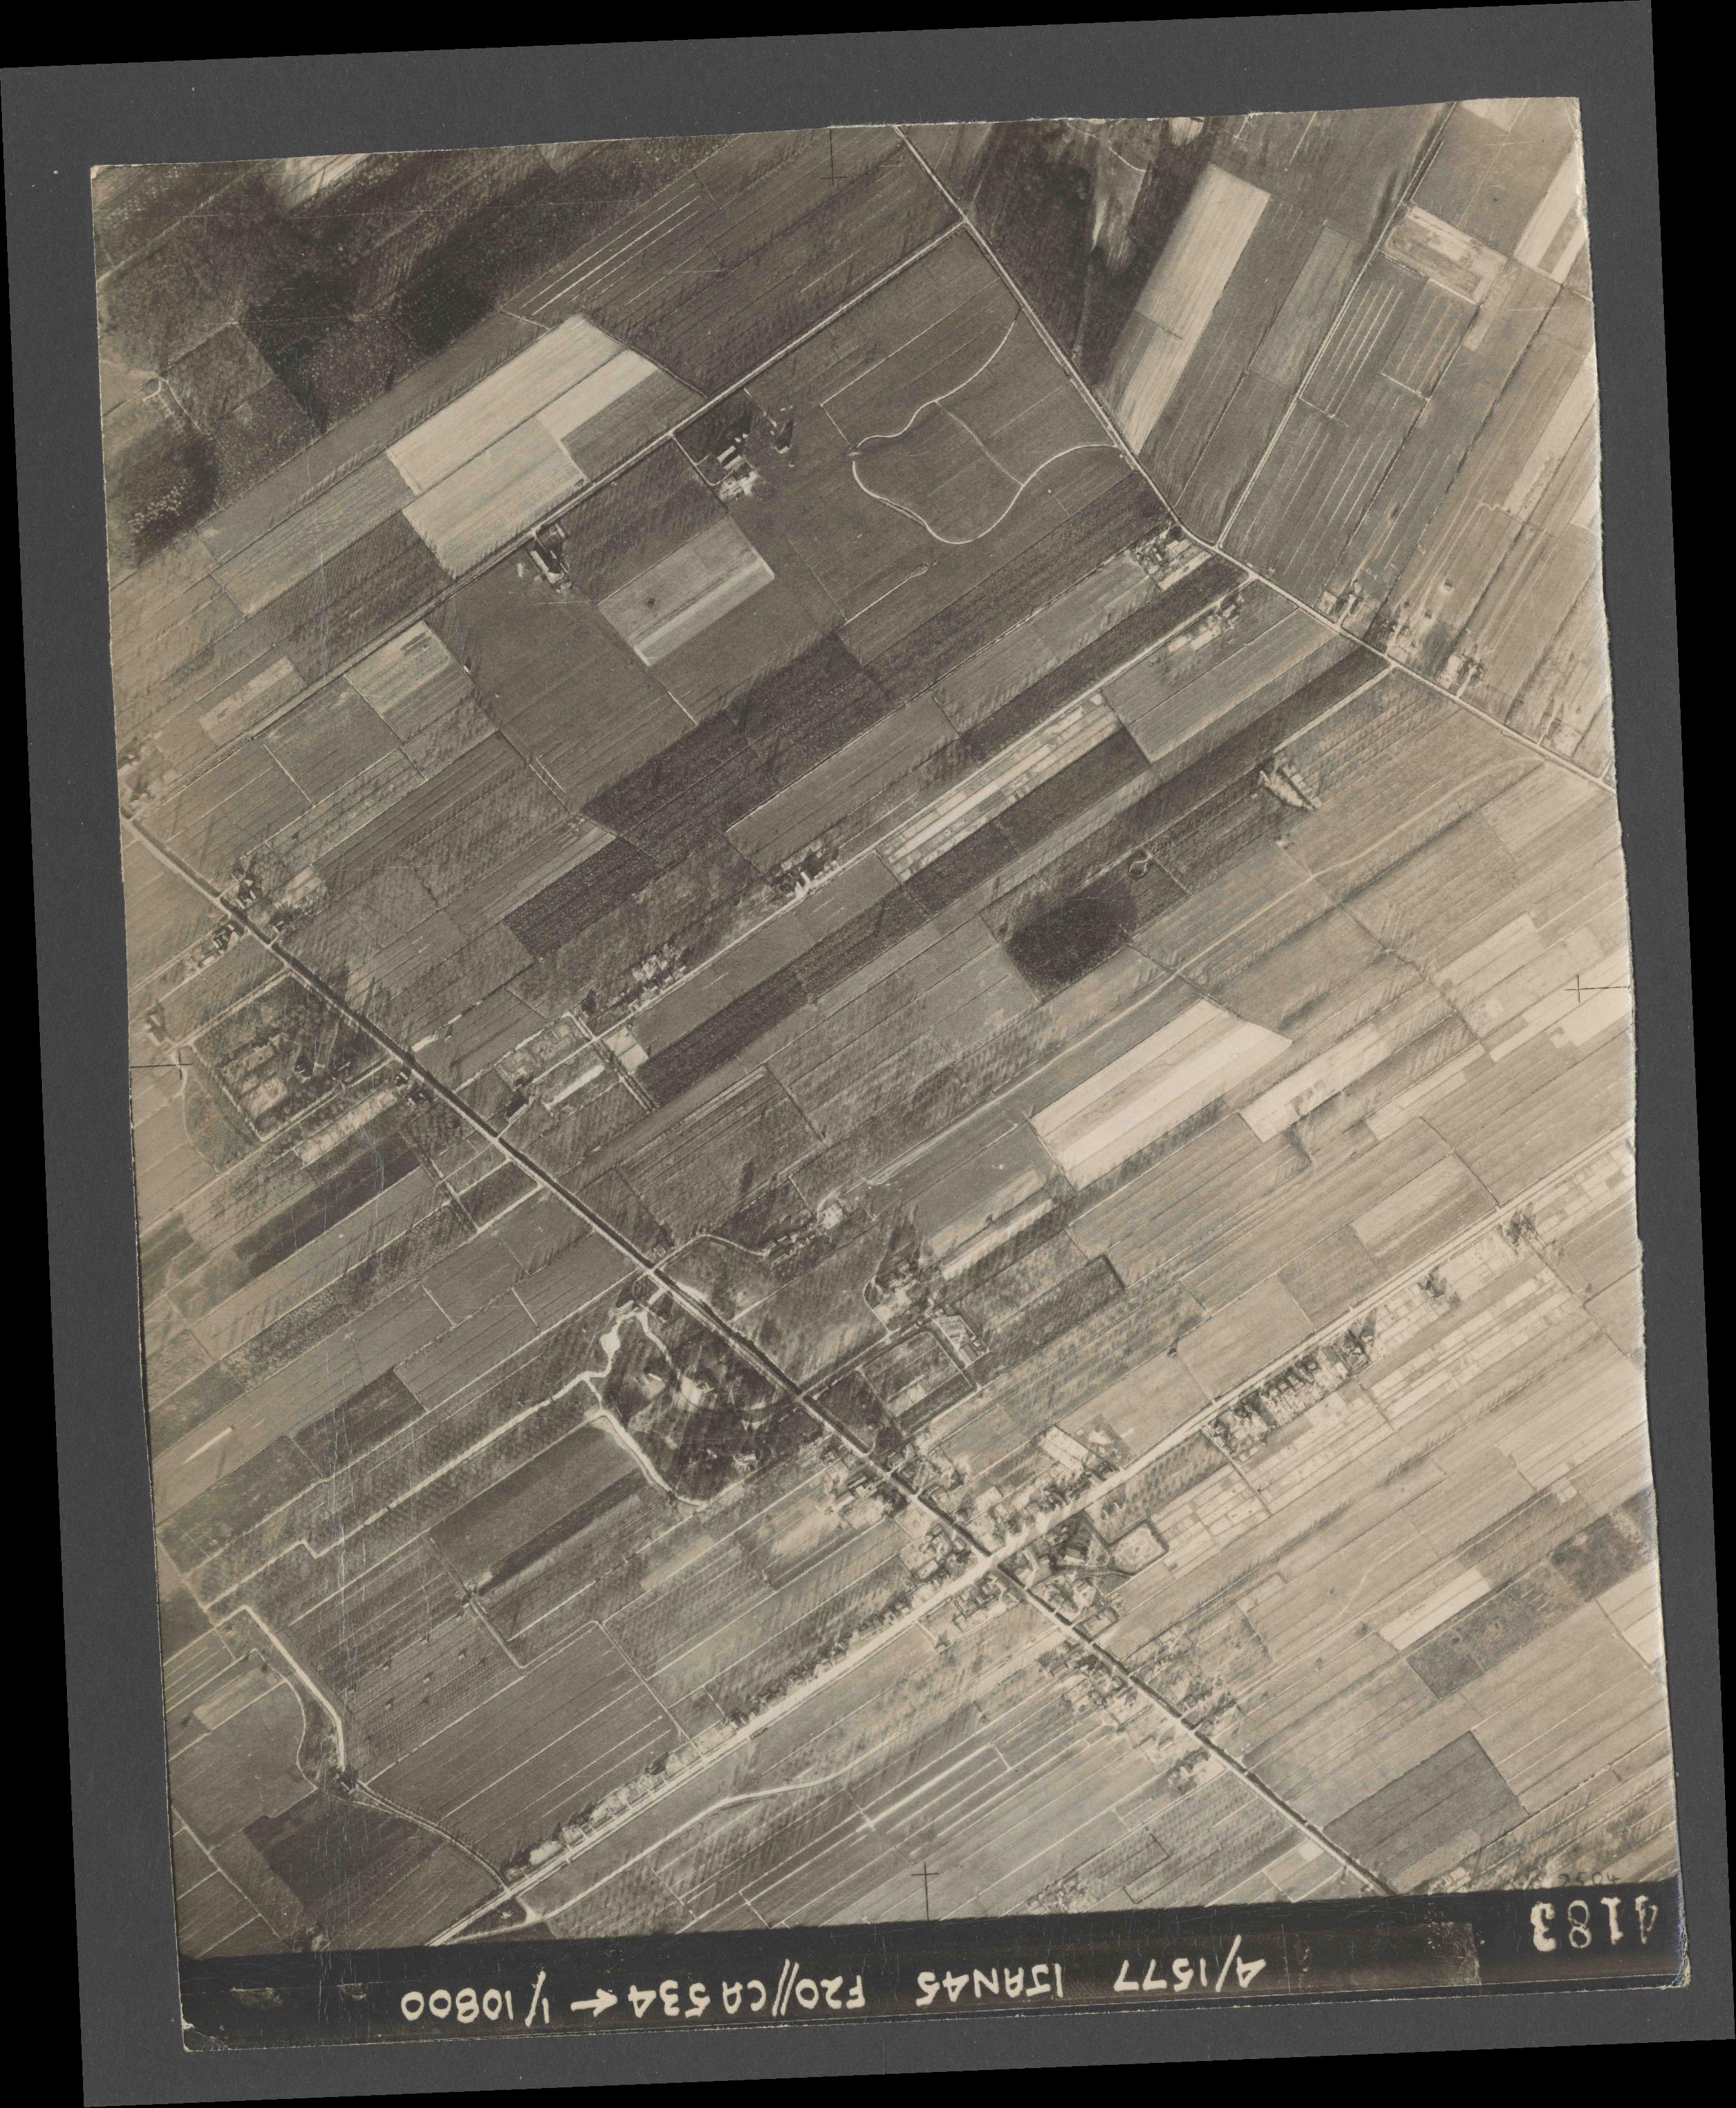 Collection RAF aerial photos 1940-1945 - flight 105, run 08, photo 4183